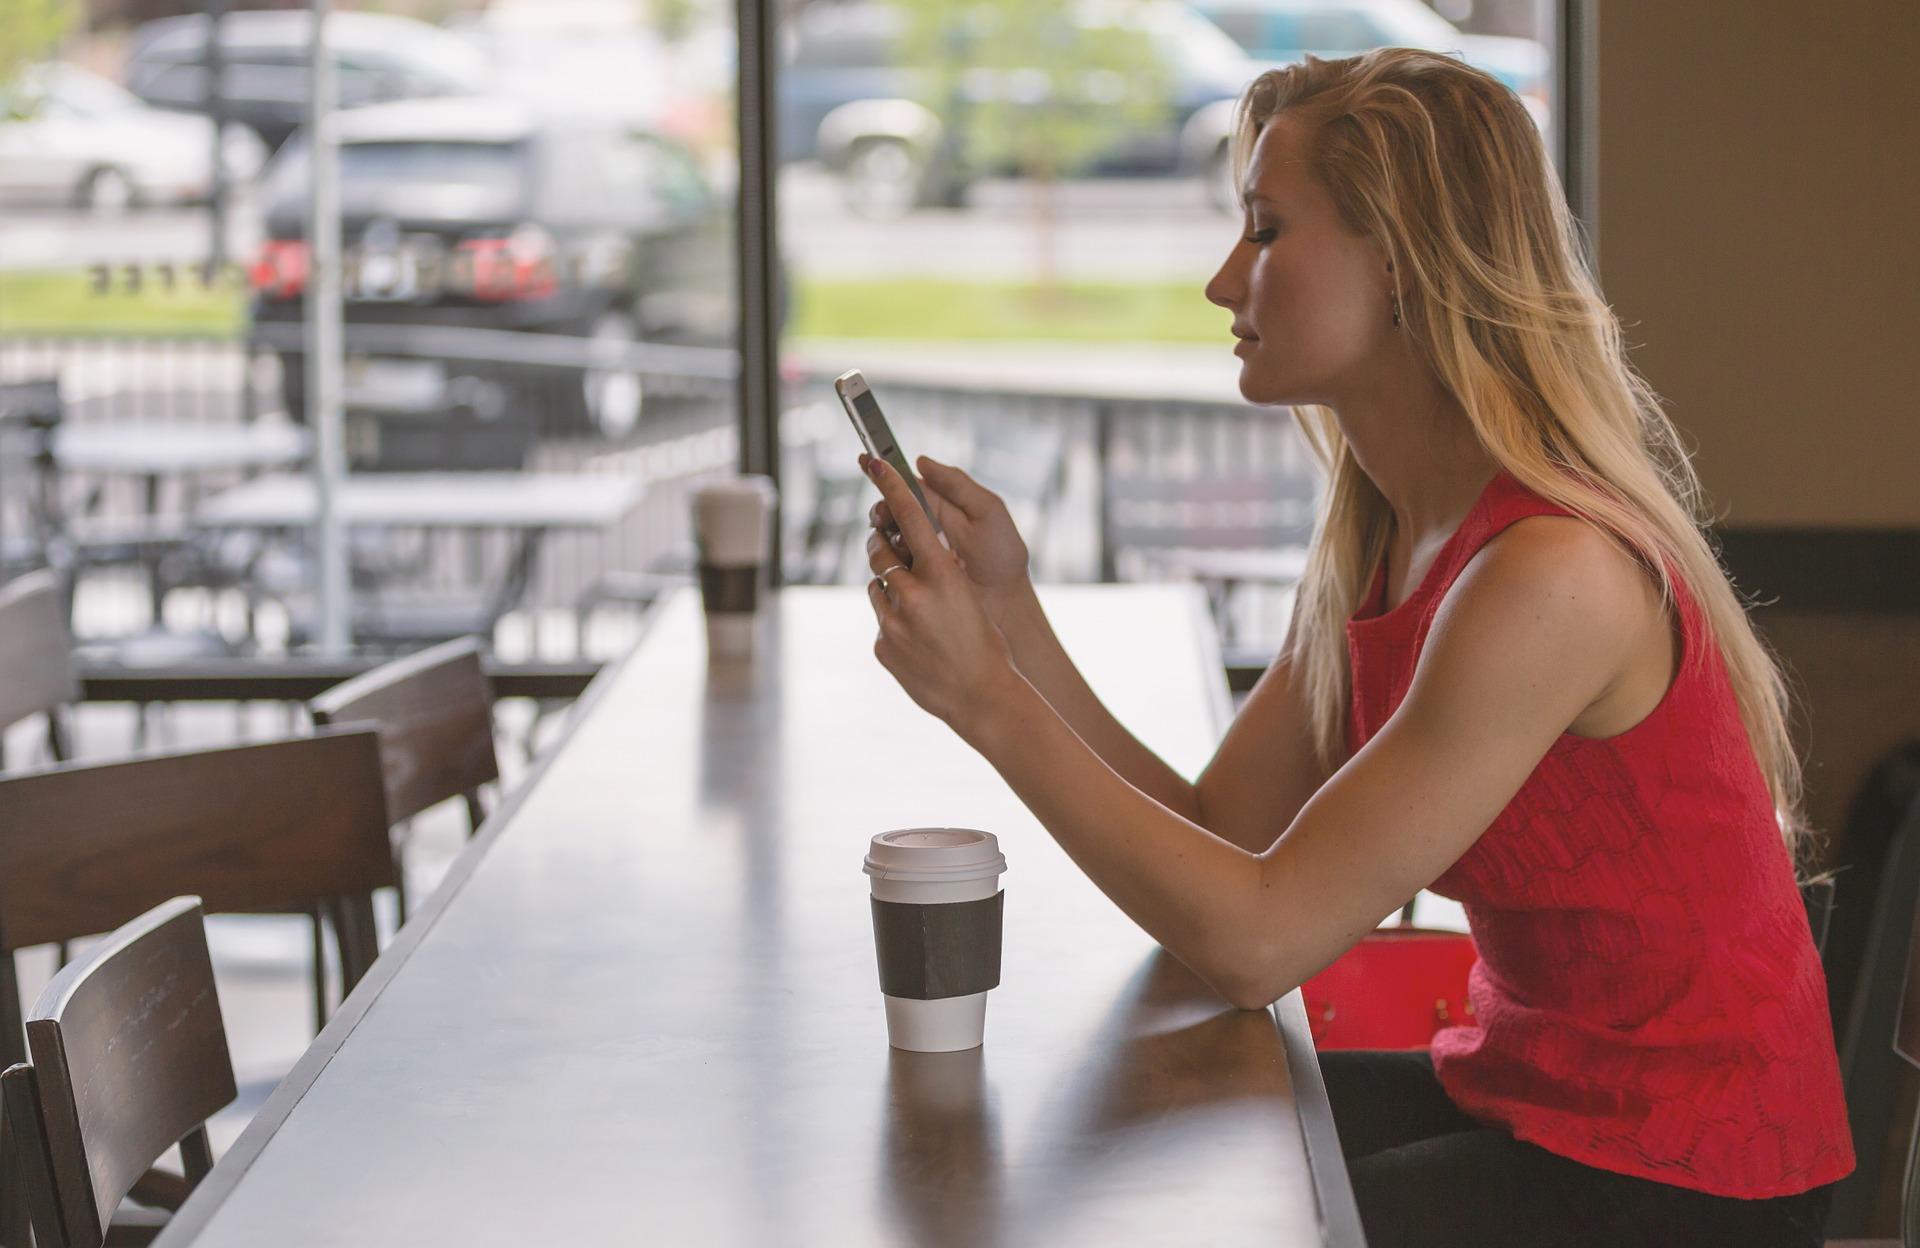 Píxeles, hercios y pulgadas: traduciendo las características de tu smartphone